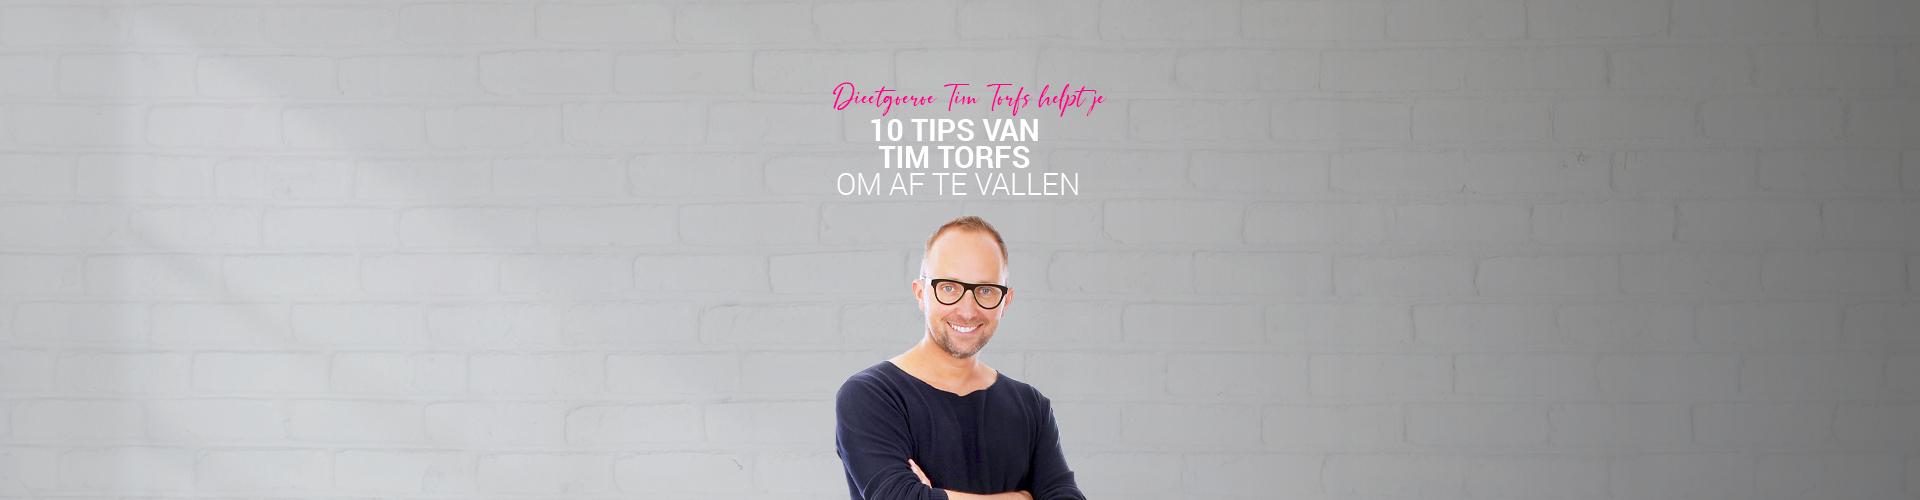 tim-torfs-tips-om-af-te-vallen